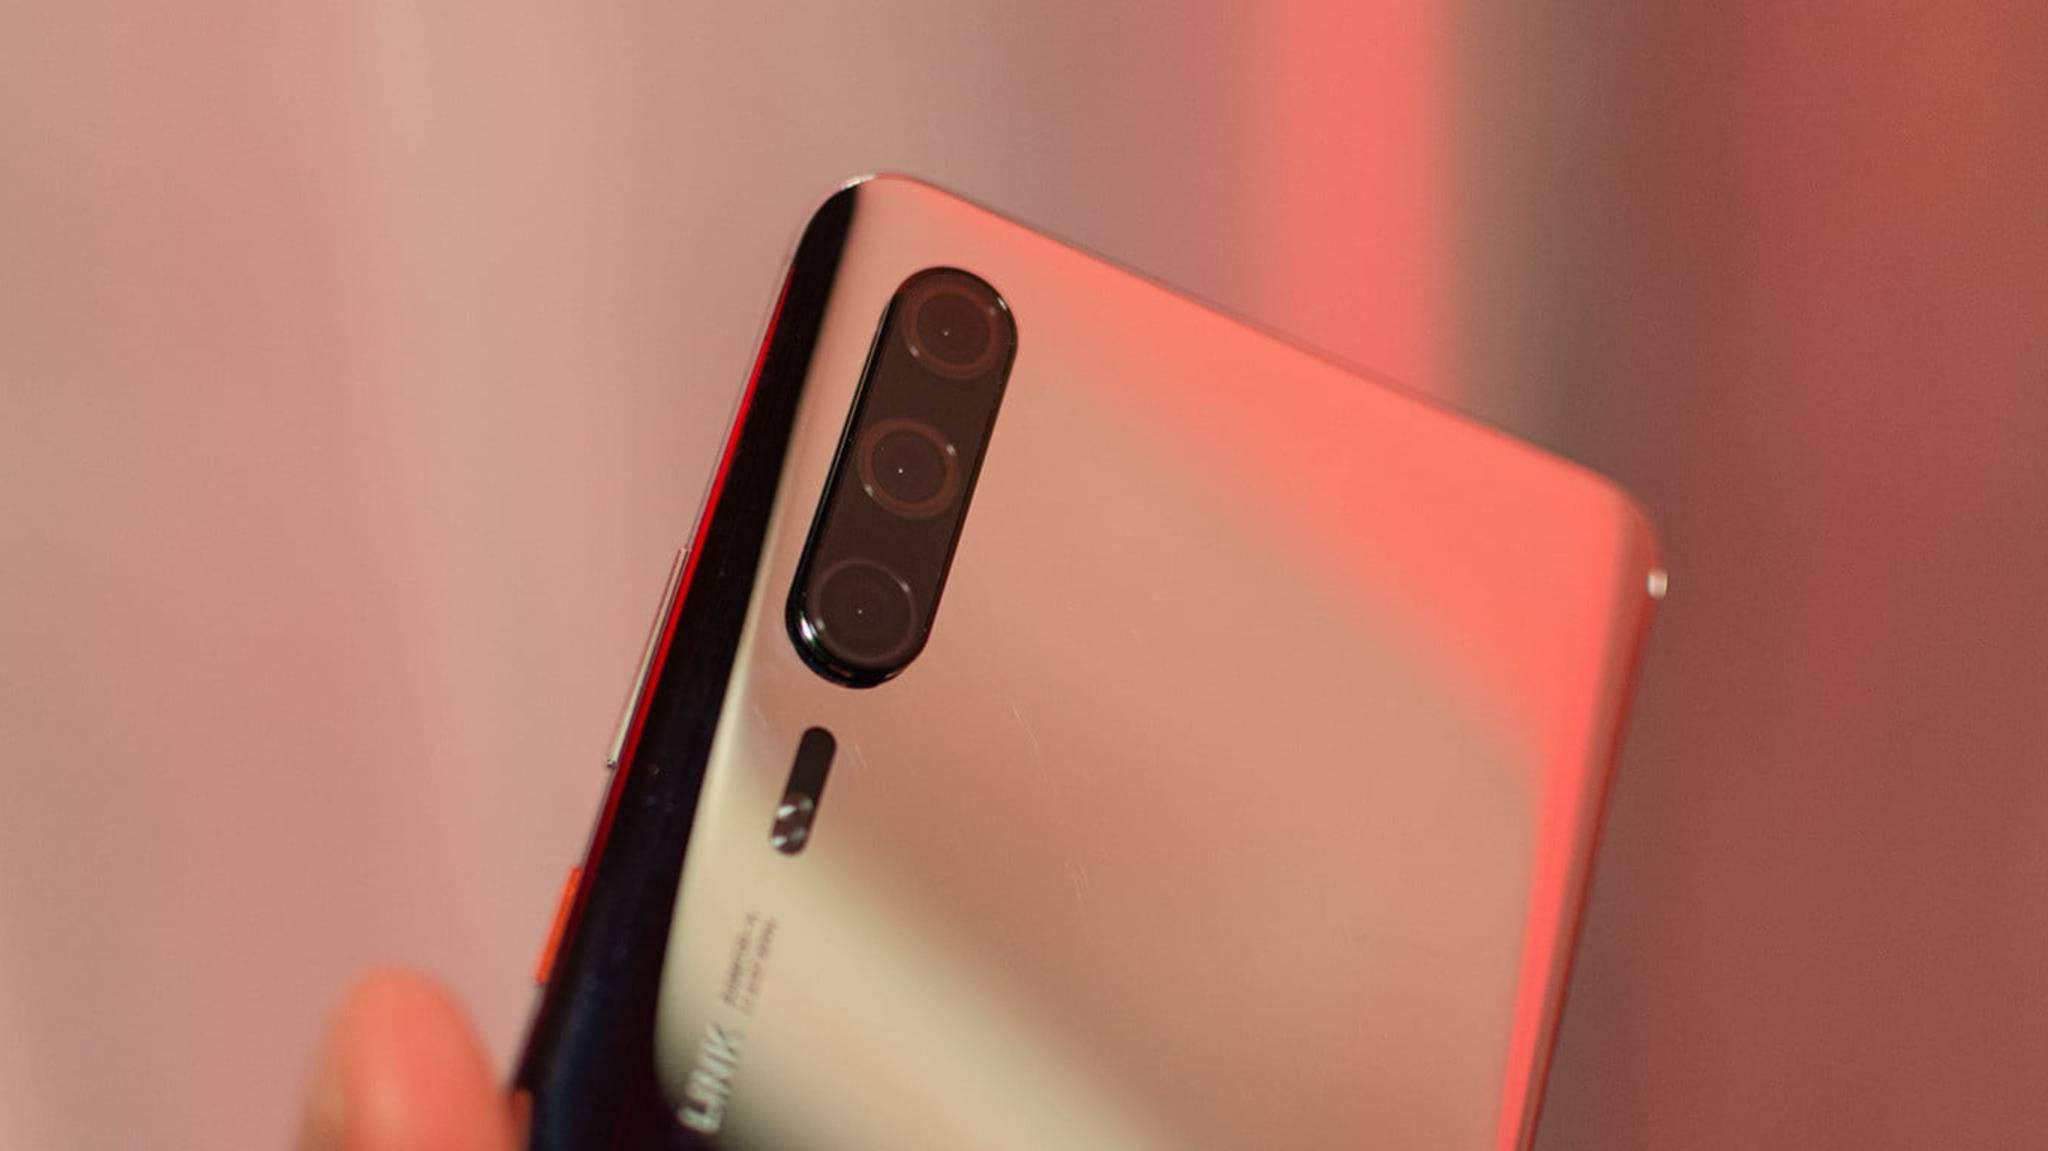 Dieser Prototyp zeigt das beinahe finale Design des Huawei P30 Pro.